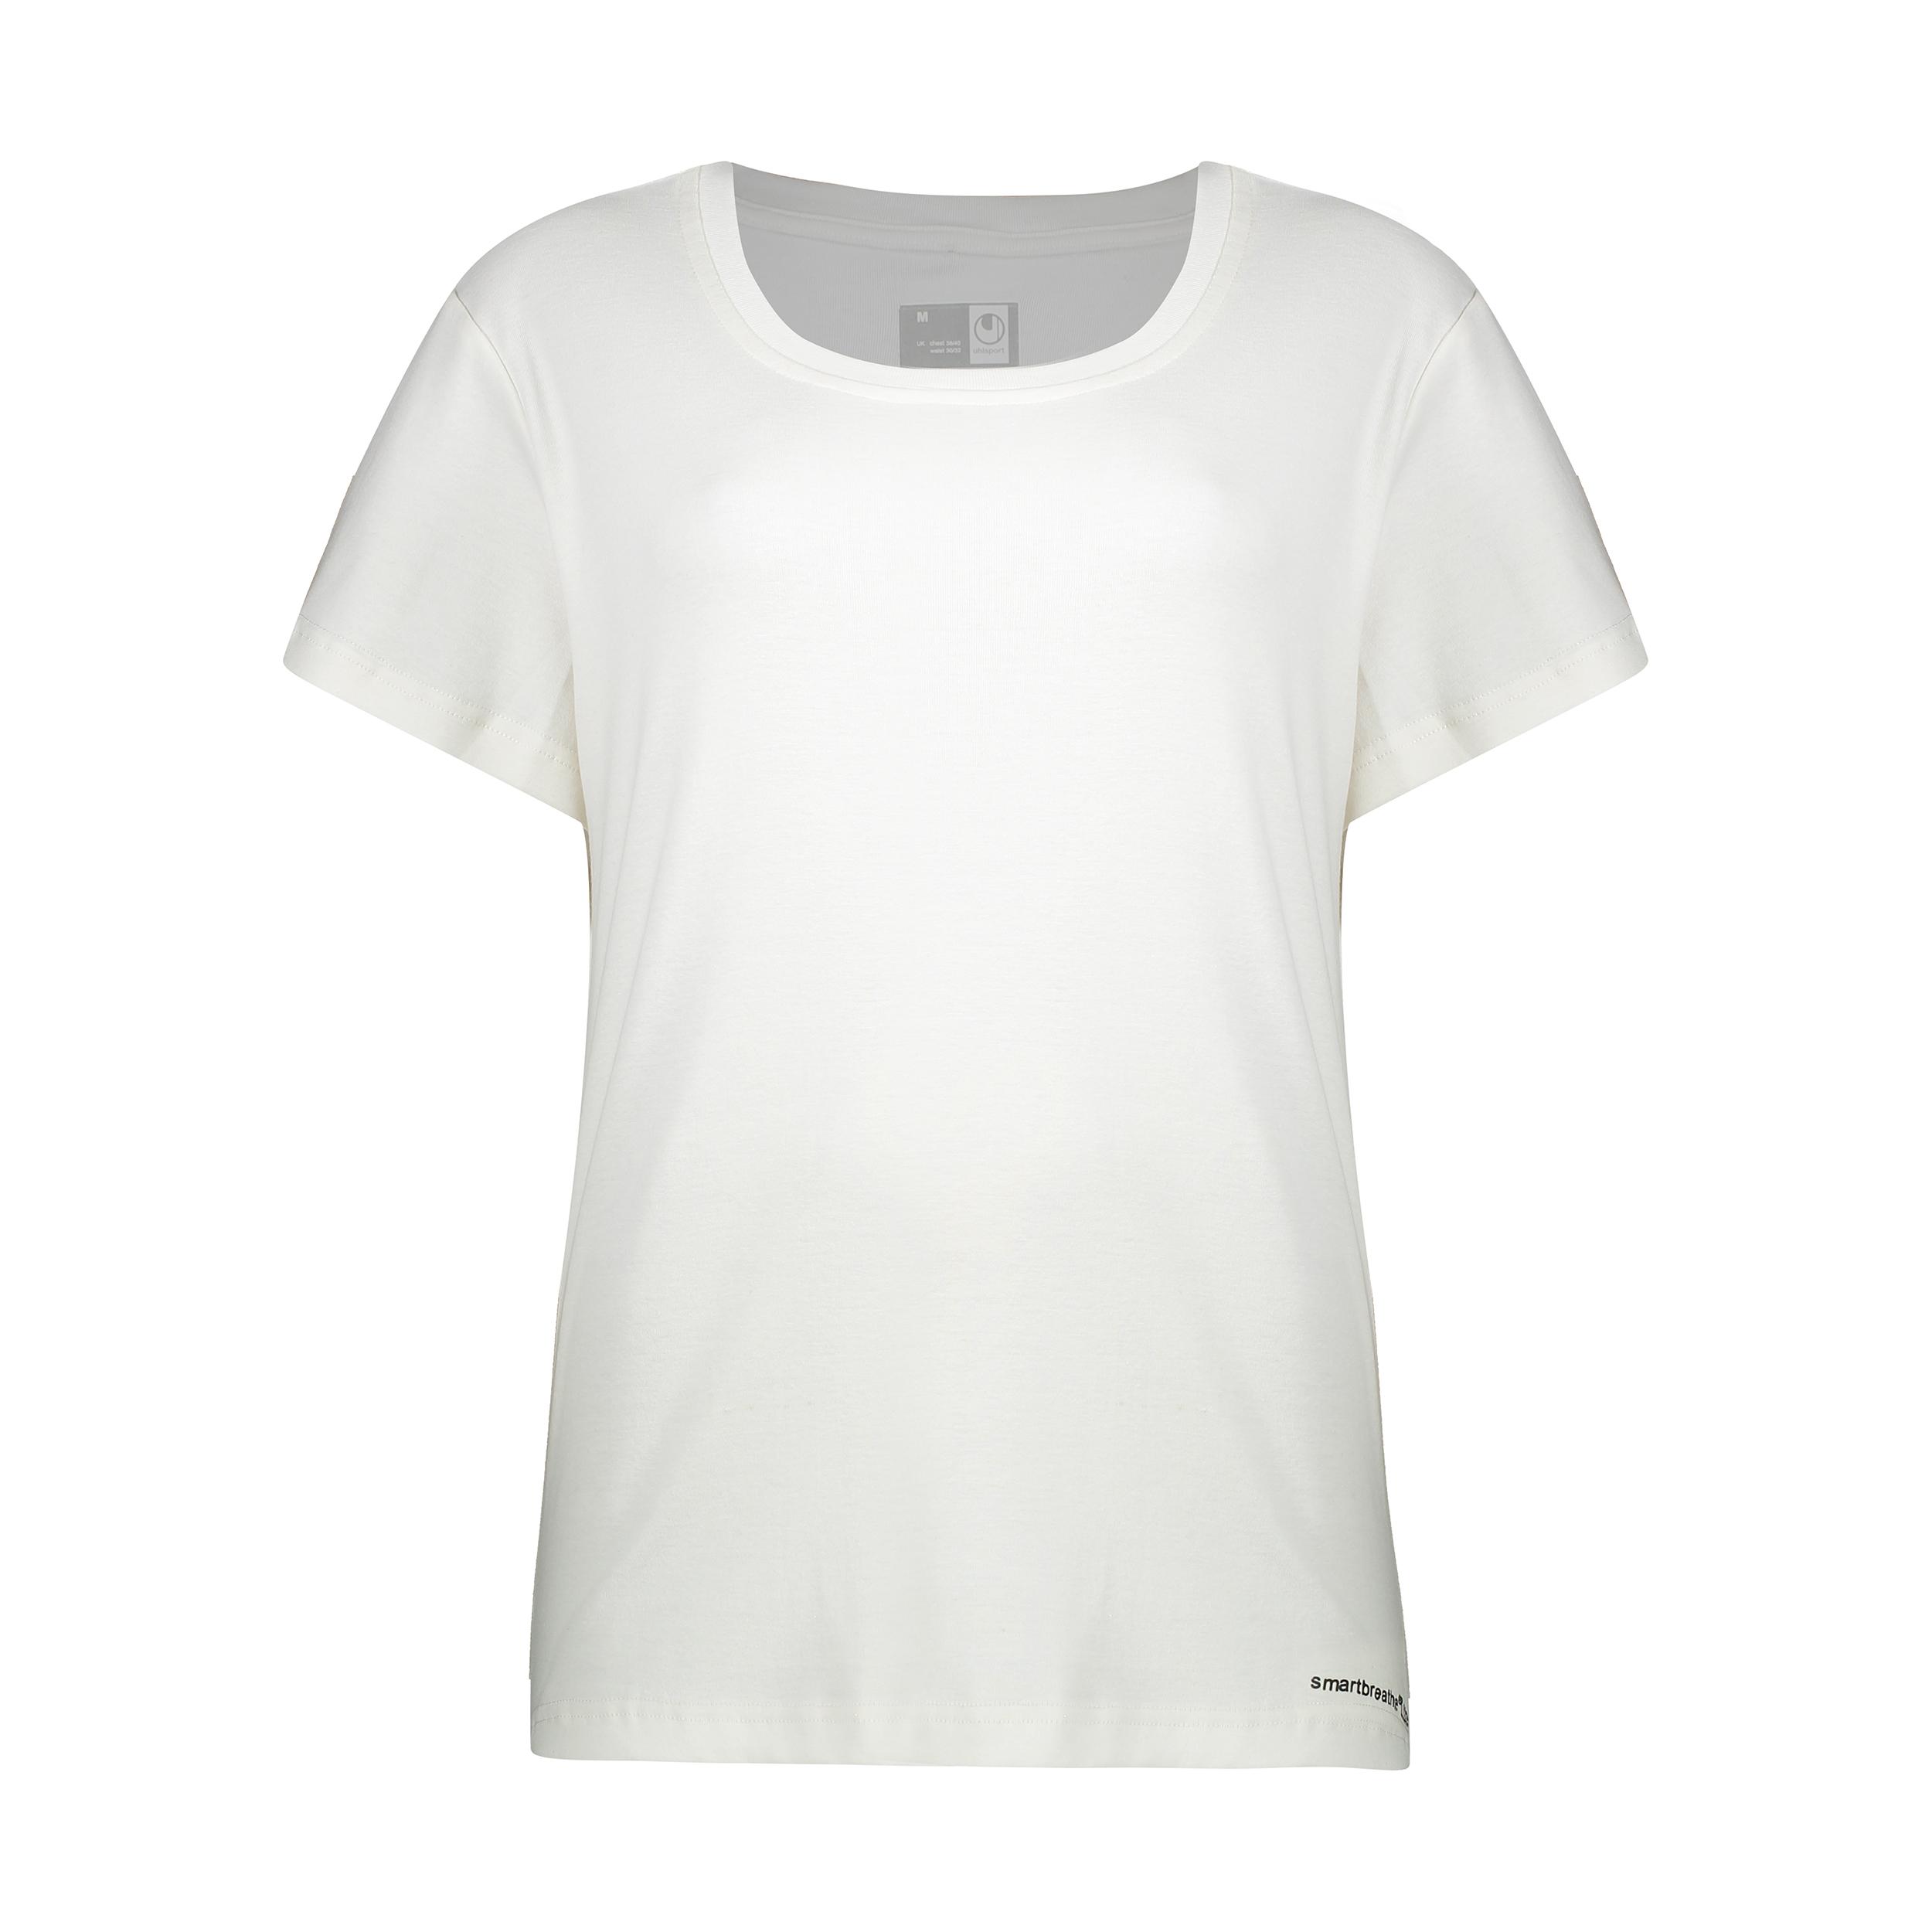 تی شرت ورزشی زنانه آلشپرت مدل WUH665-010